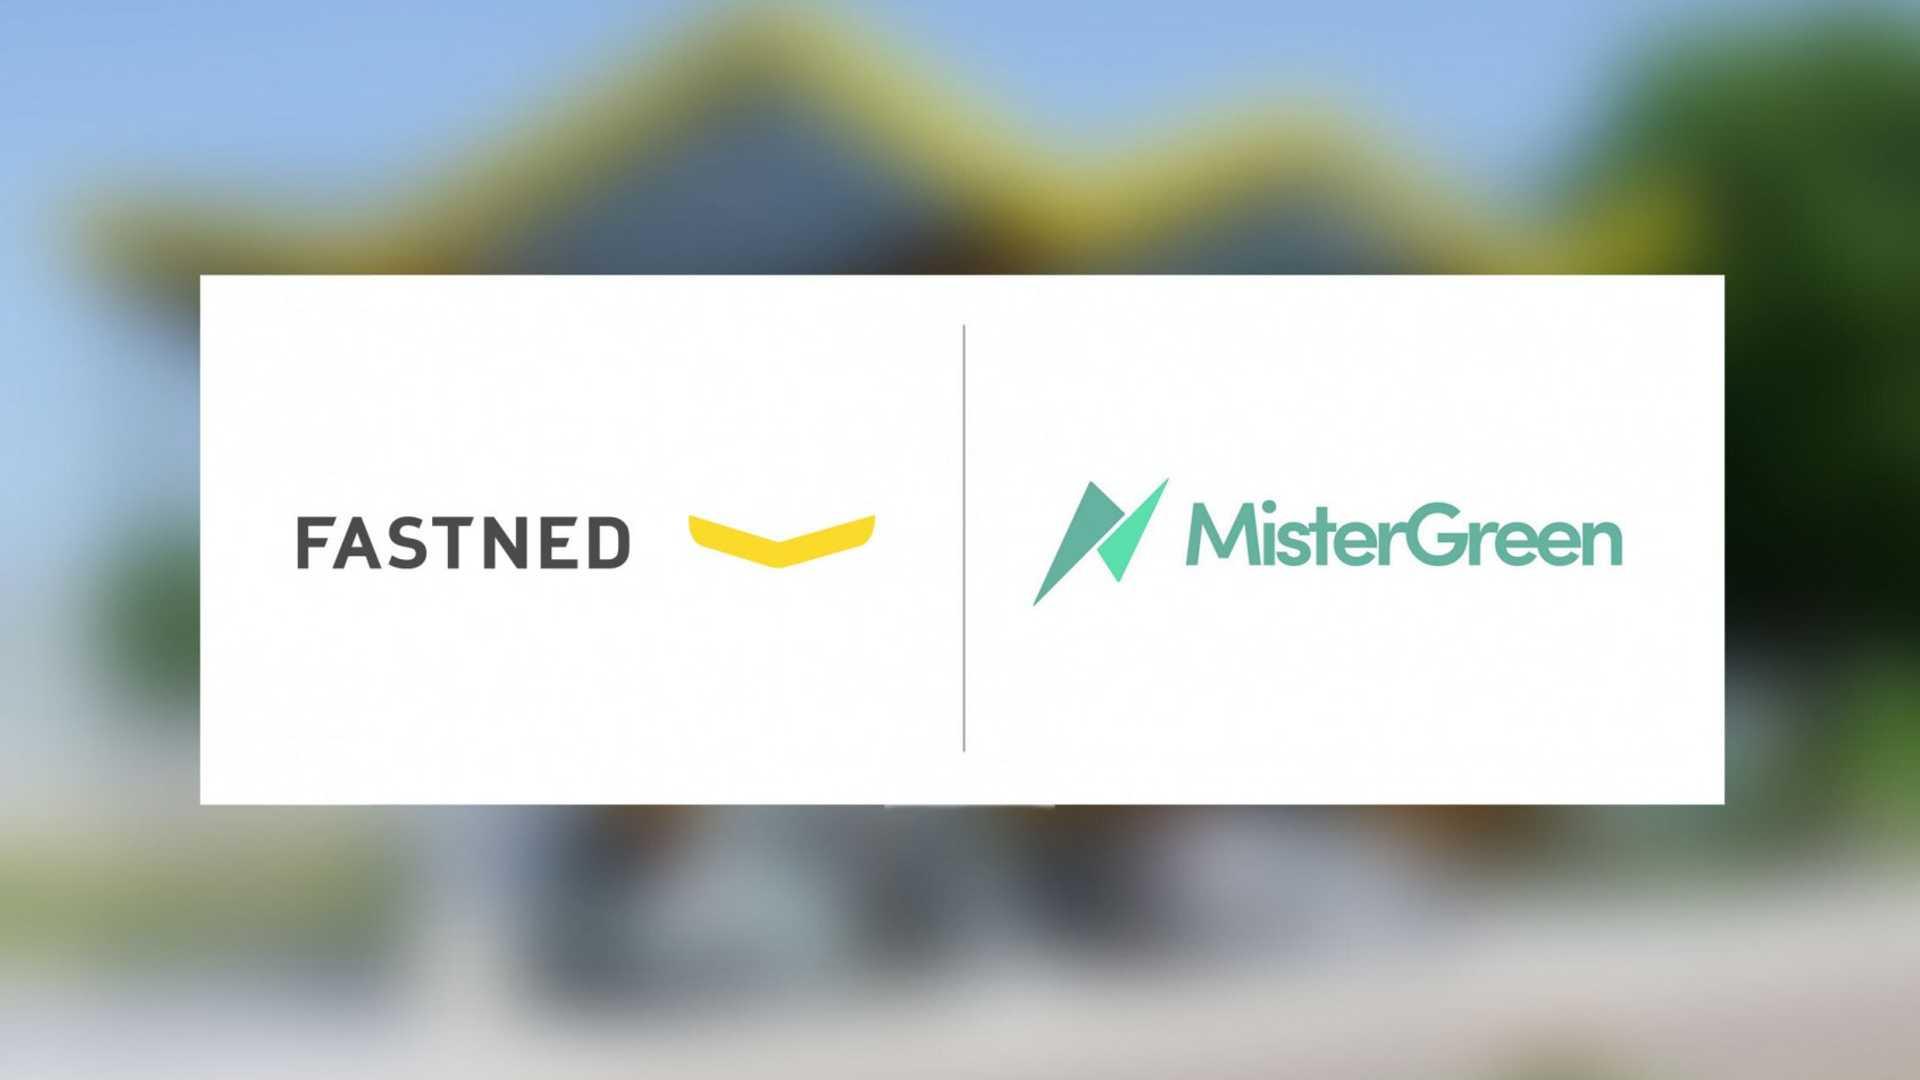 Fastned приобретает сеть быстрой зарядки MisterGreen